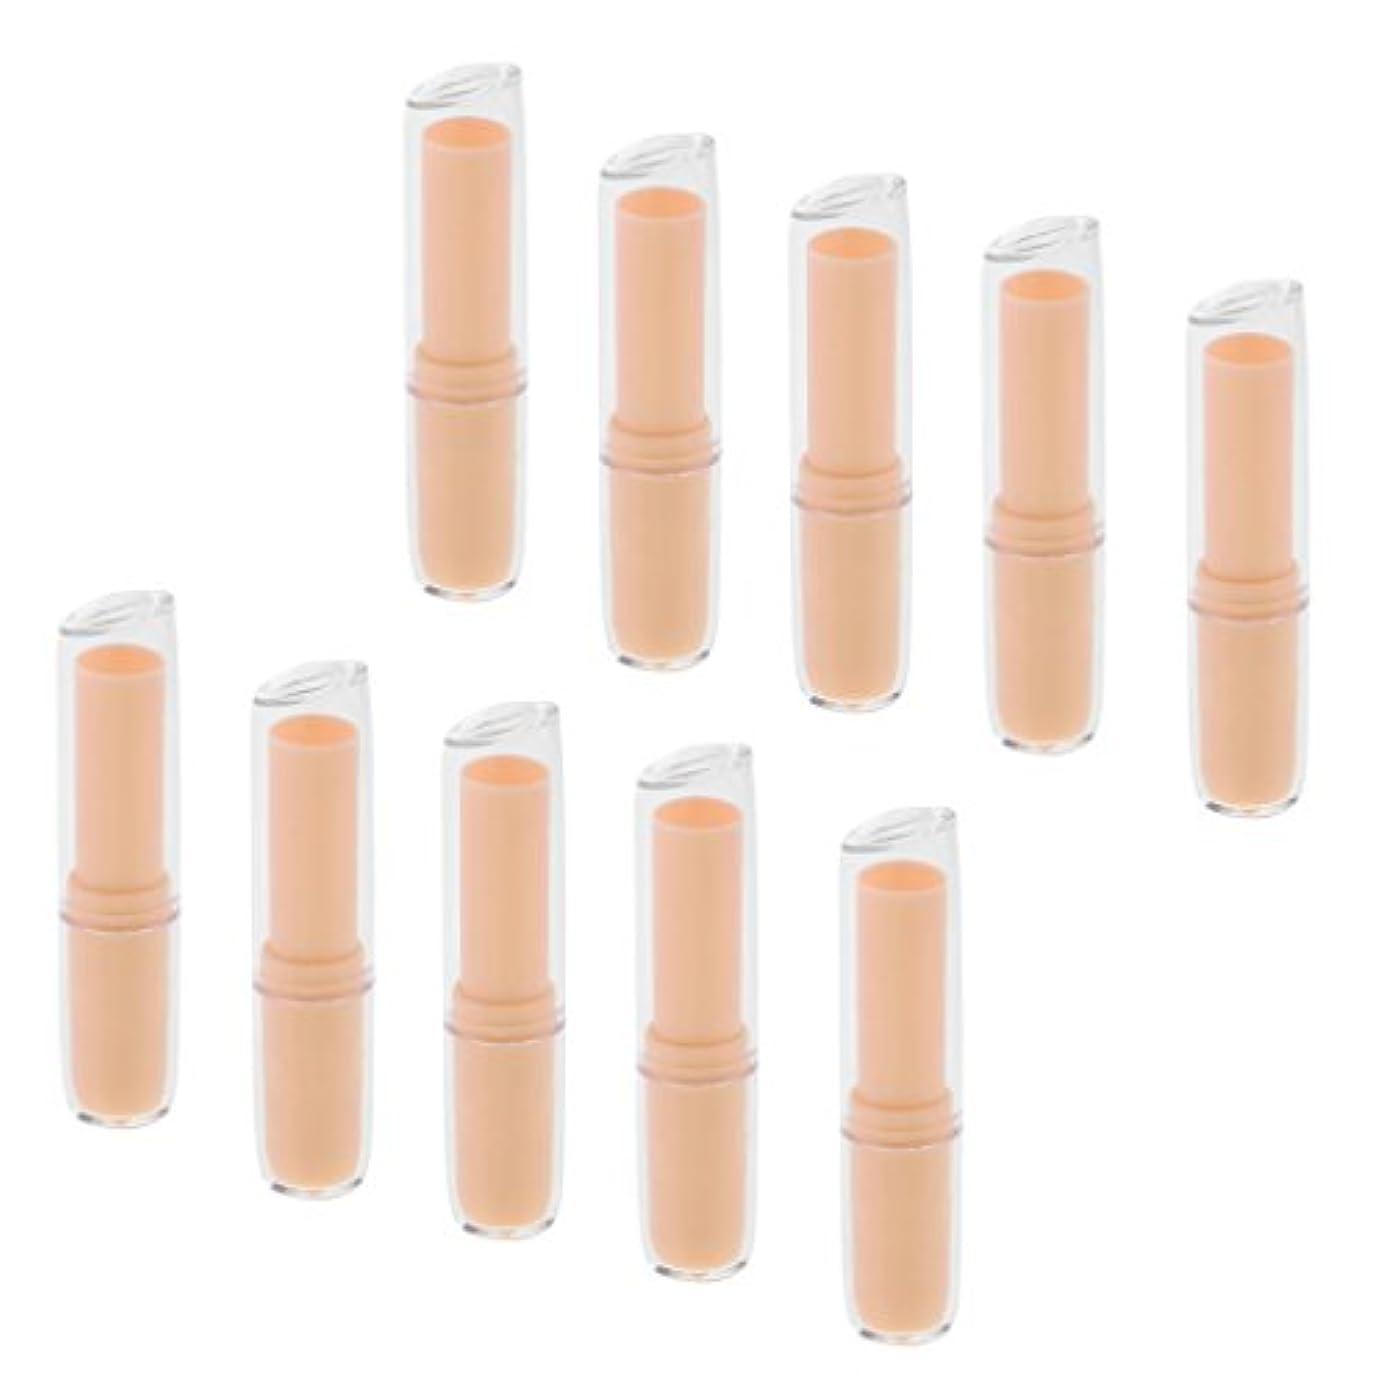 安心カウンターパートペット10個の空の口紅チューブリップクリーム容器DIY化粧品メイクアップツール - オレンジ